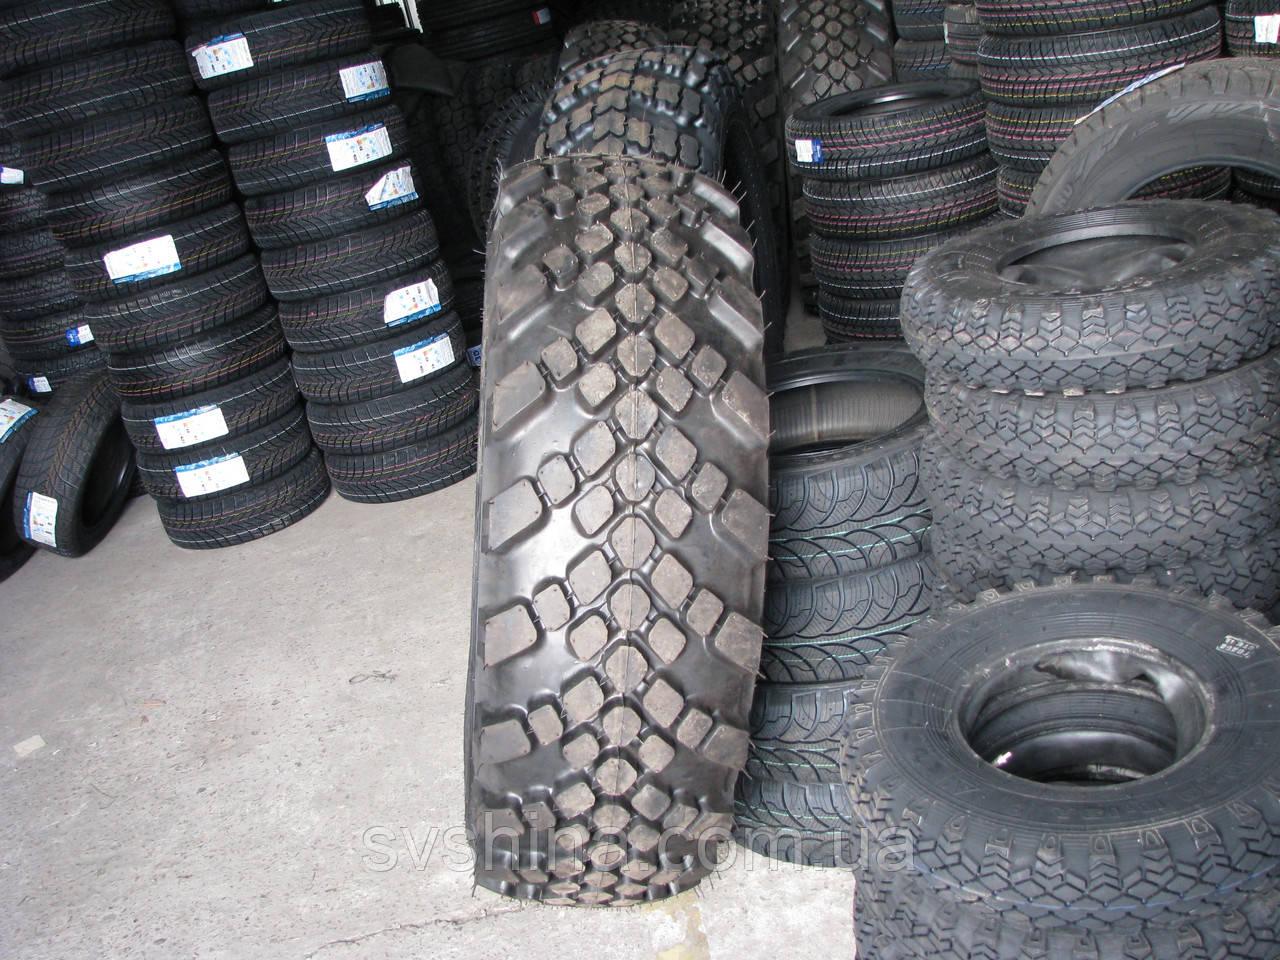 Грузовые шины 425/85R21 Алтайшина  Forw.Traction 1260, 18 нс. на КАМАЗ вездеход.